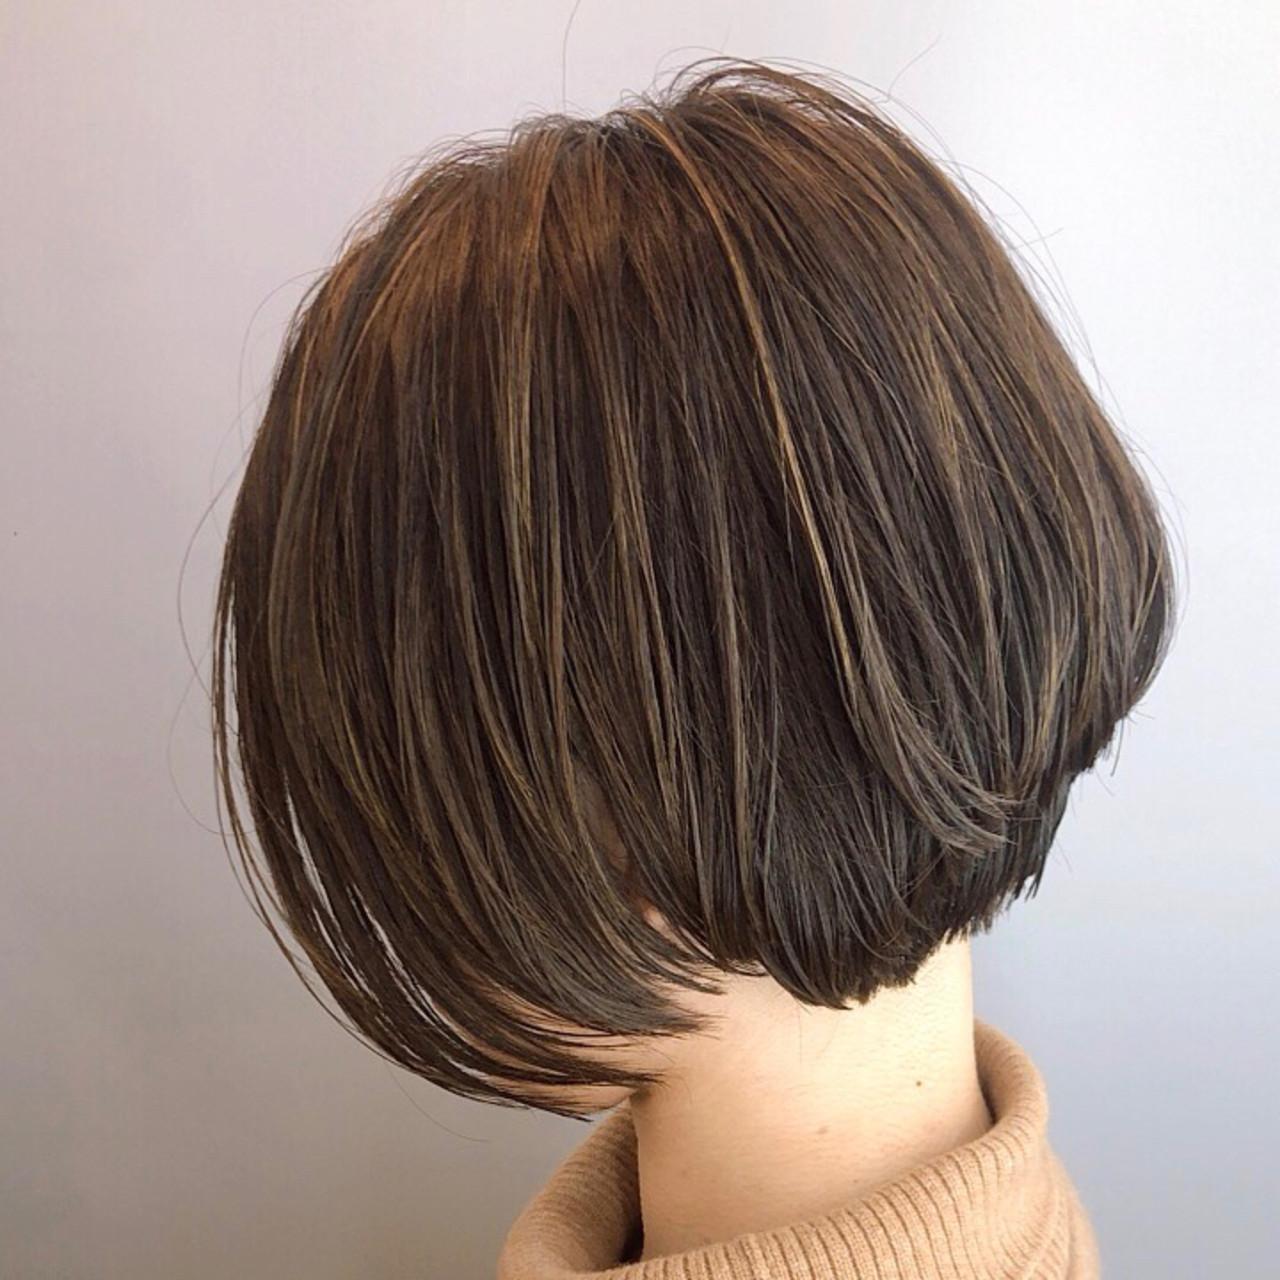 オフィス ナチュラル 大人女子 色気 ヘアスタイルや髪型の写真・画像 | 川原梨央 / モリオフロムロンドン